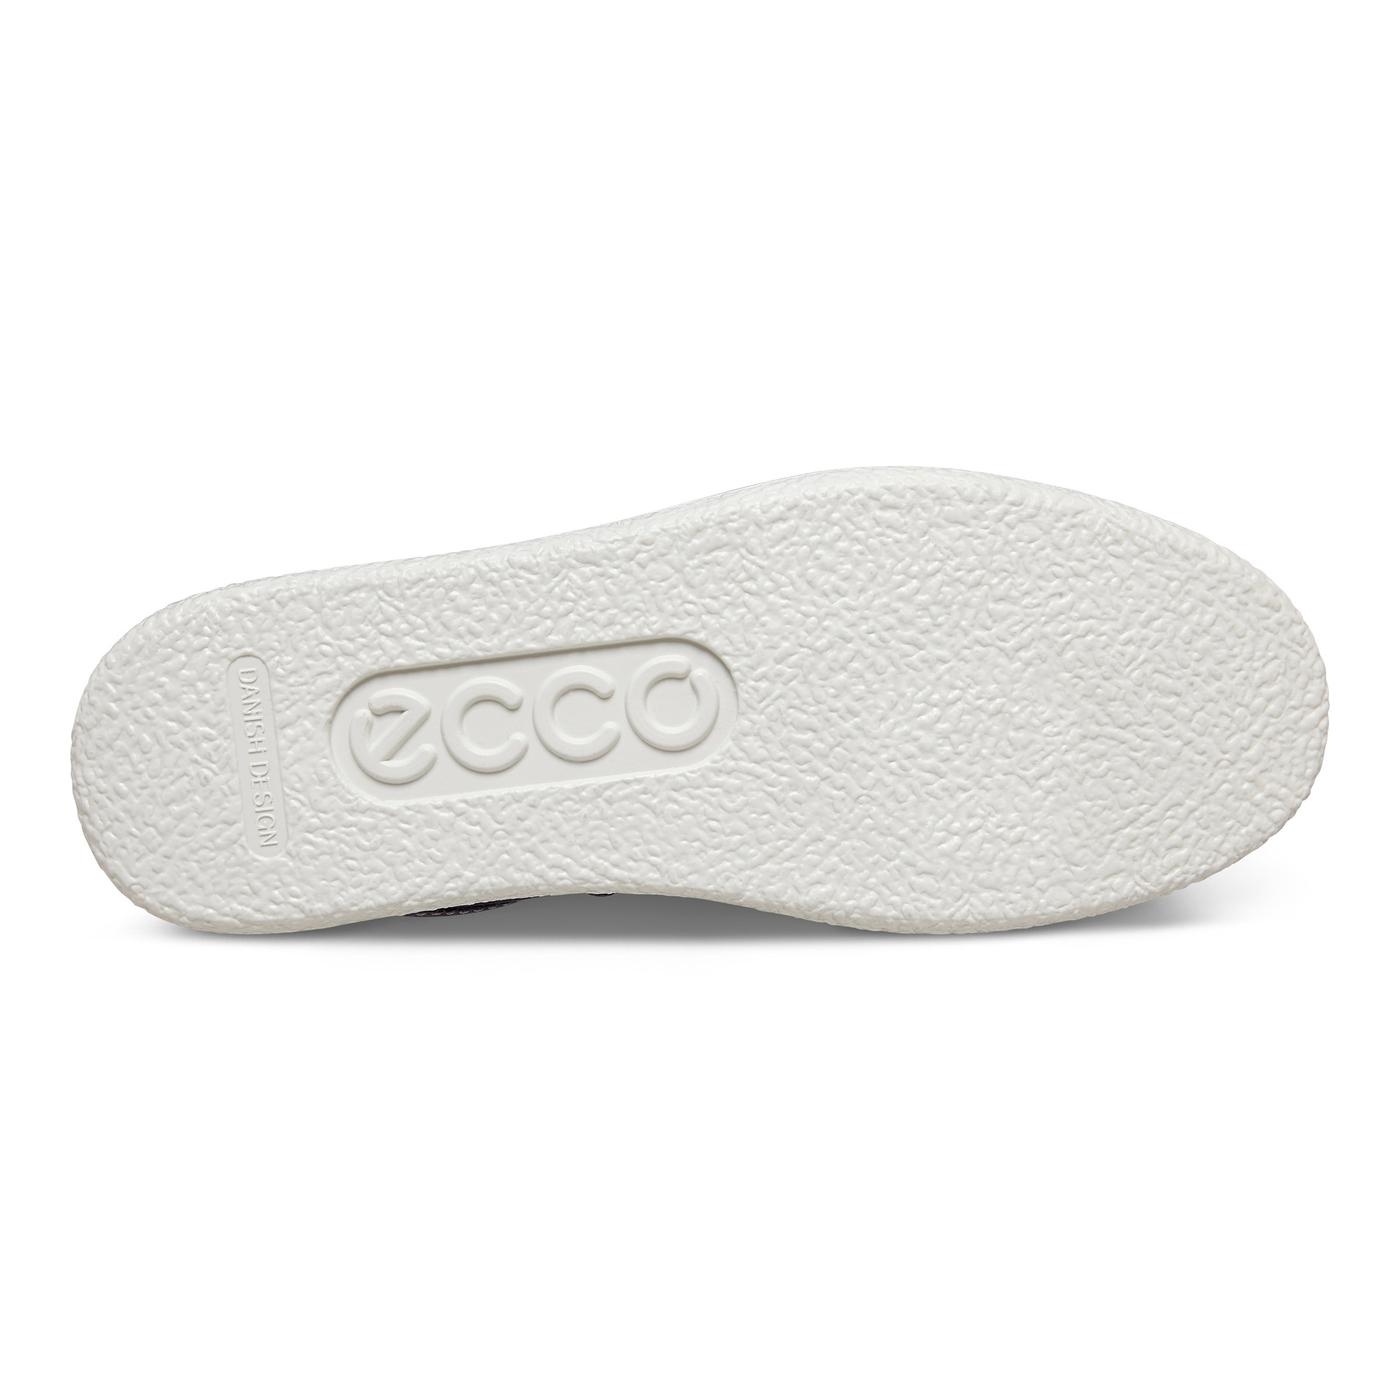 ECCO Soft 1 W